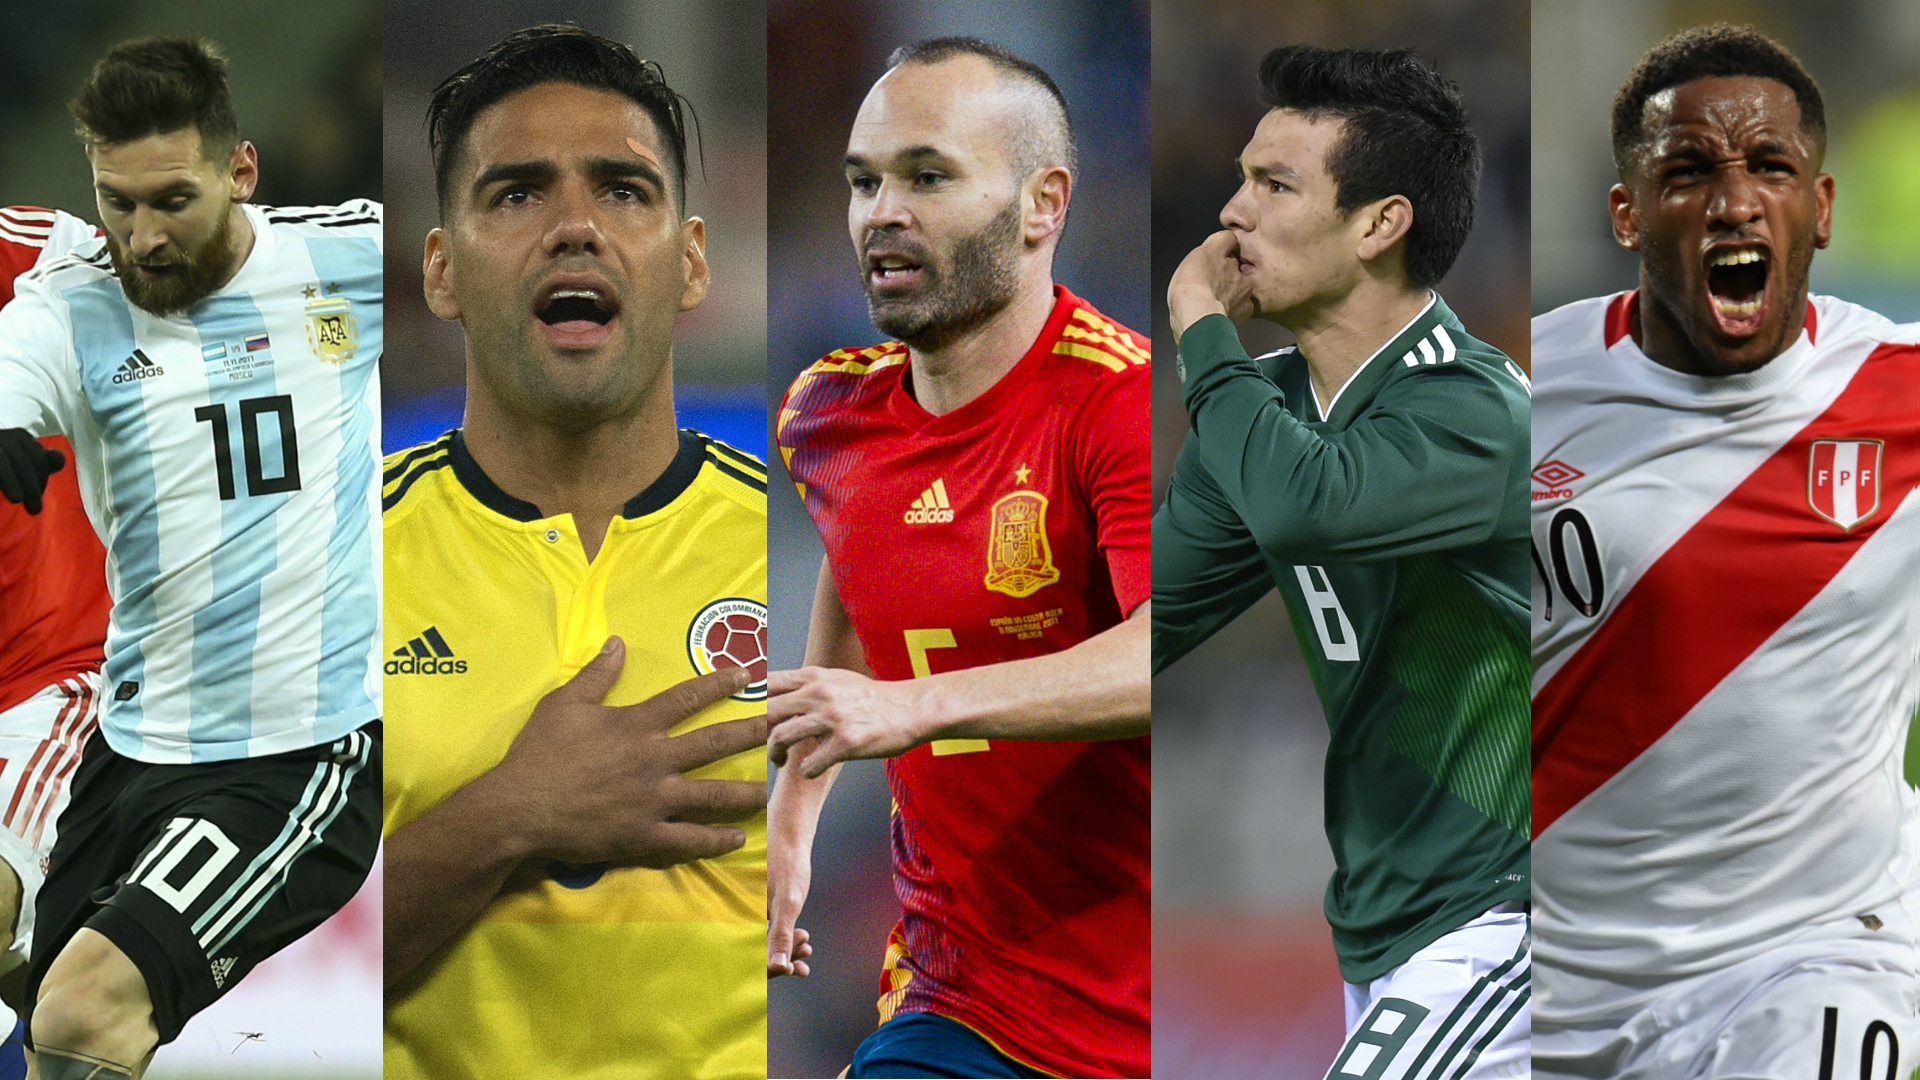 Messi - Falcao - Iniesta - Lozano - Farfán